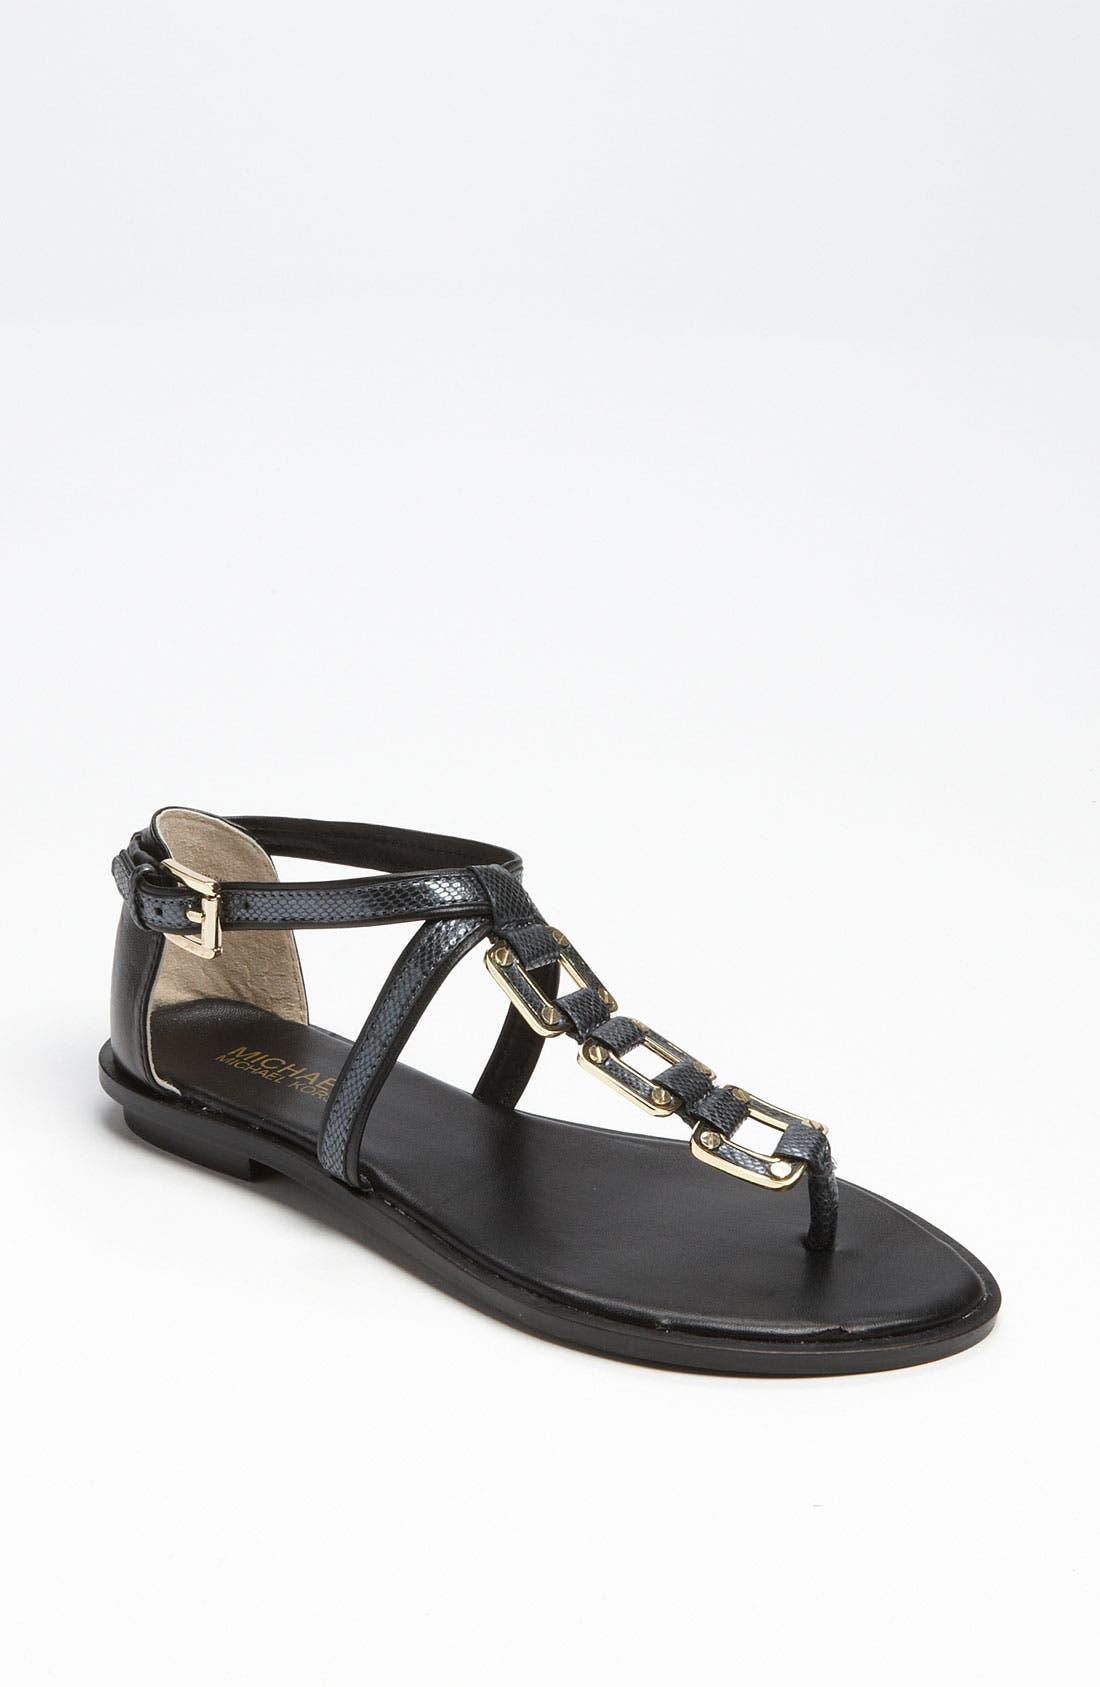 Main Image - MICHAEL Michael Kors 'Darci' Sandal